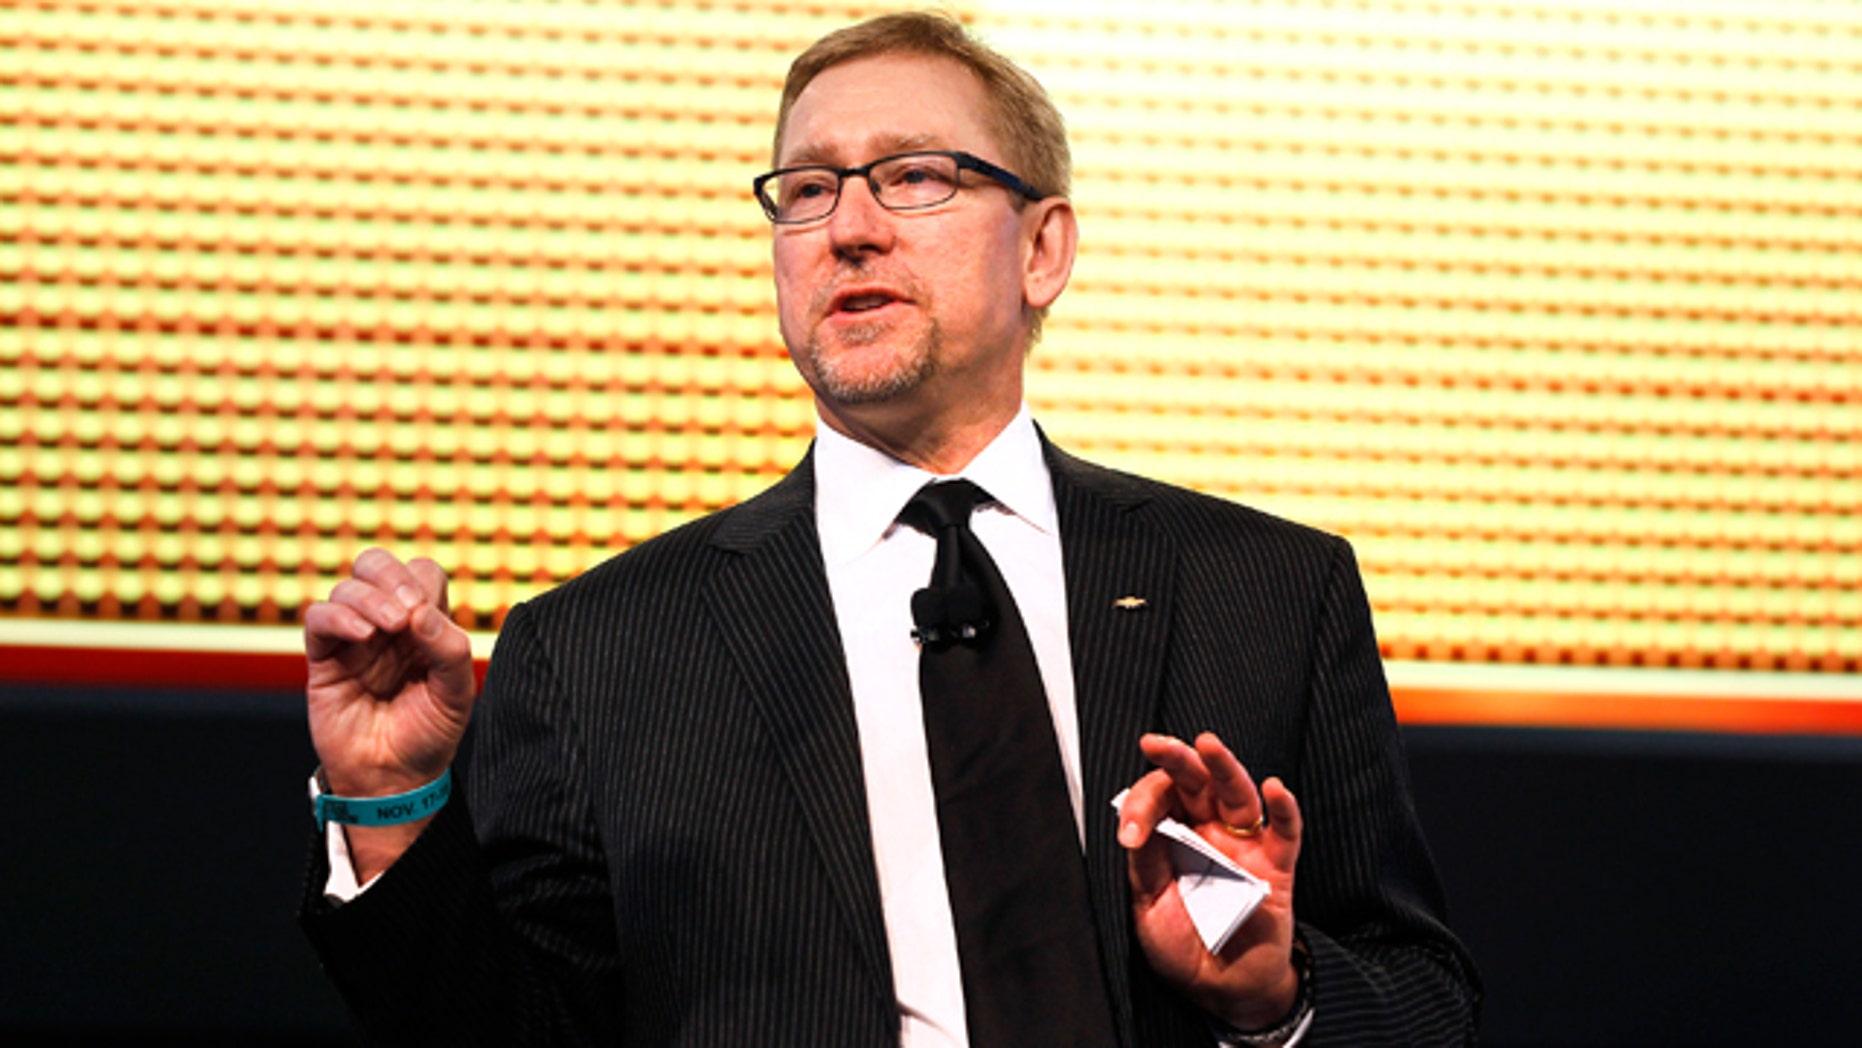 GM Vice President Joel Ewanick